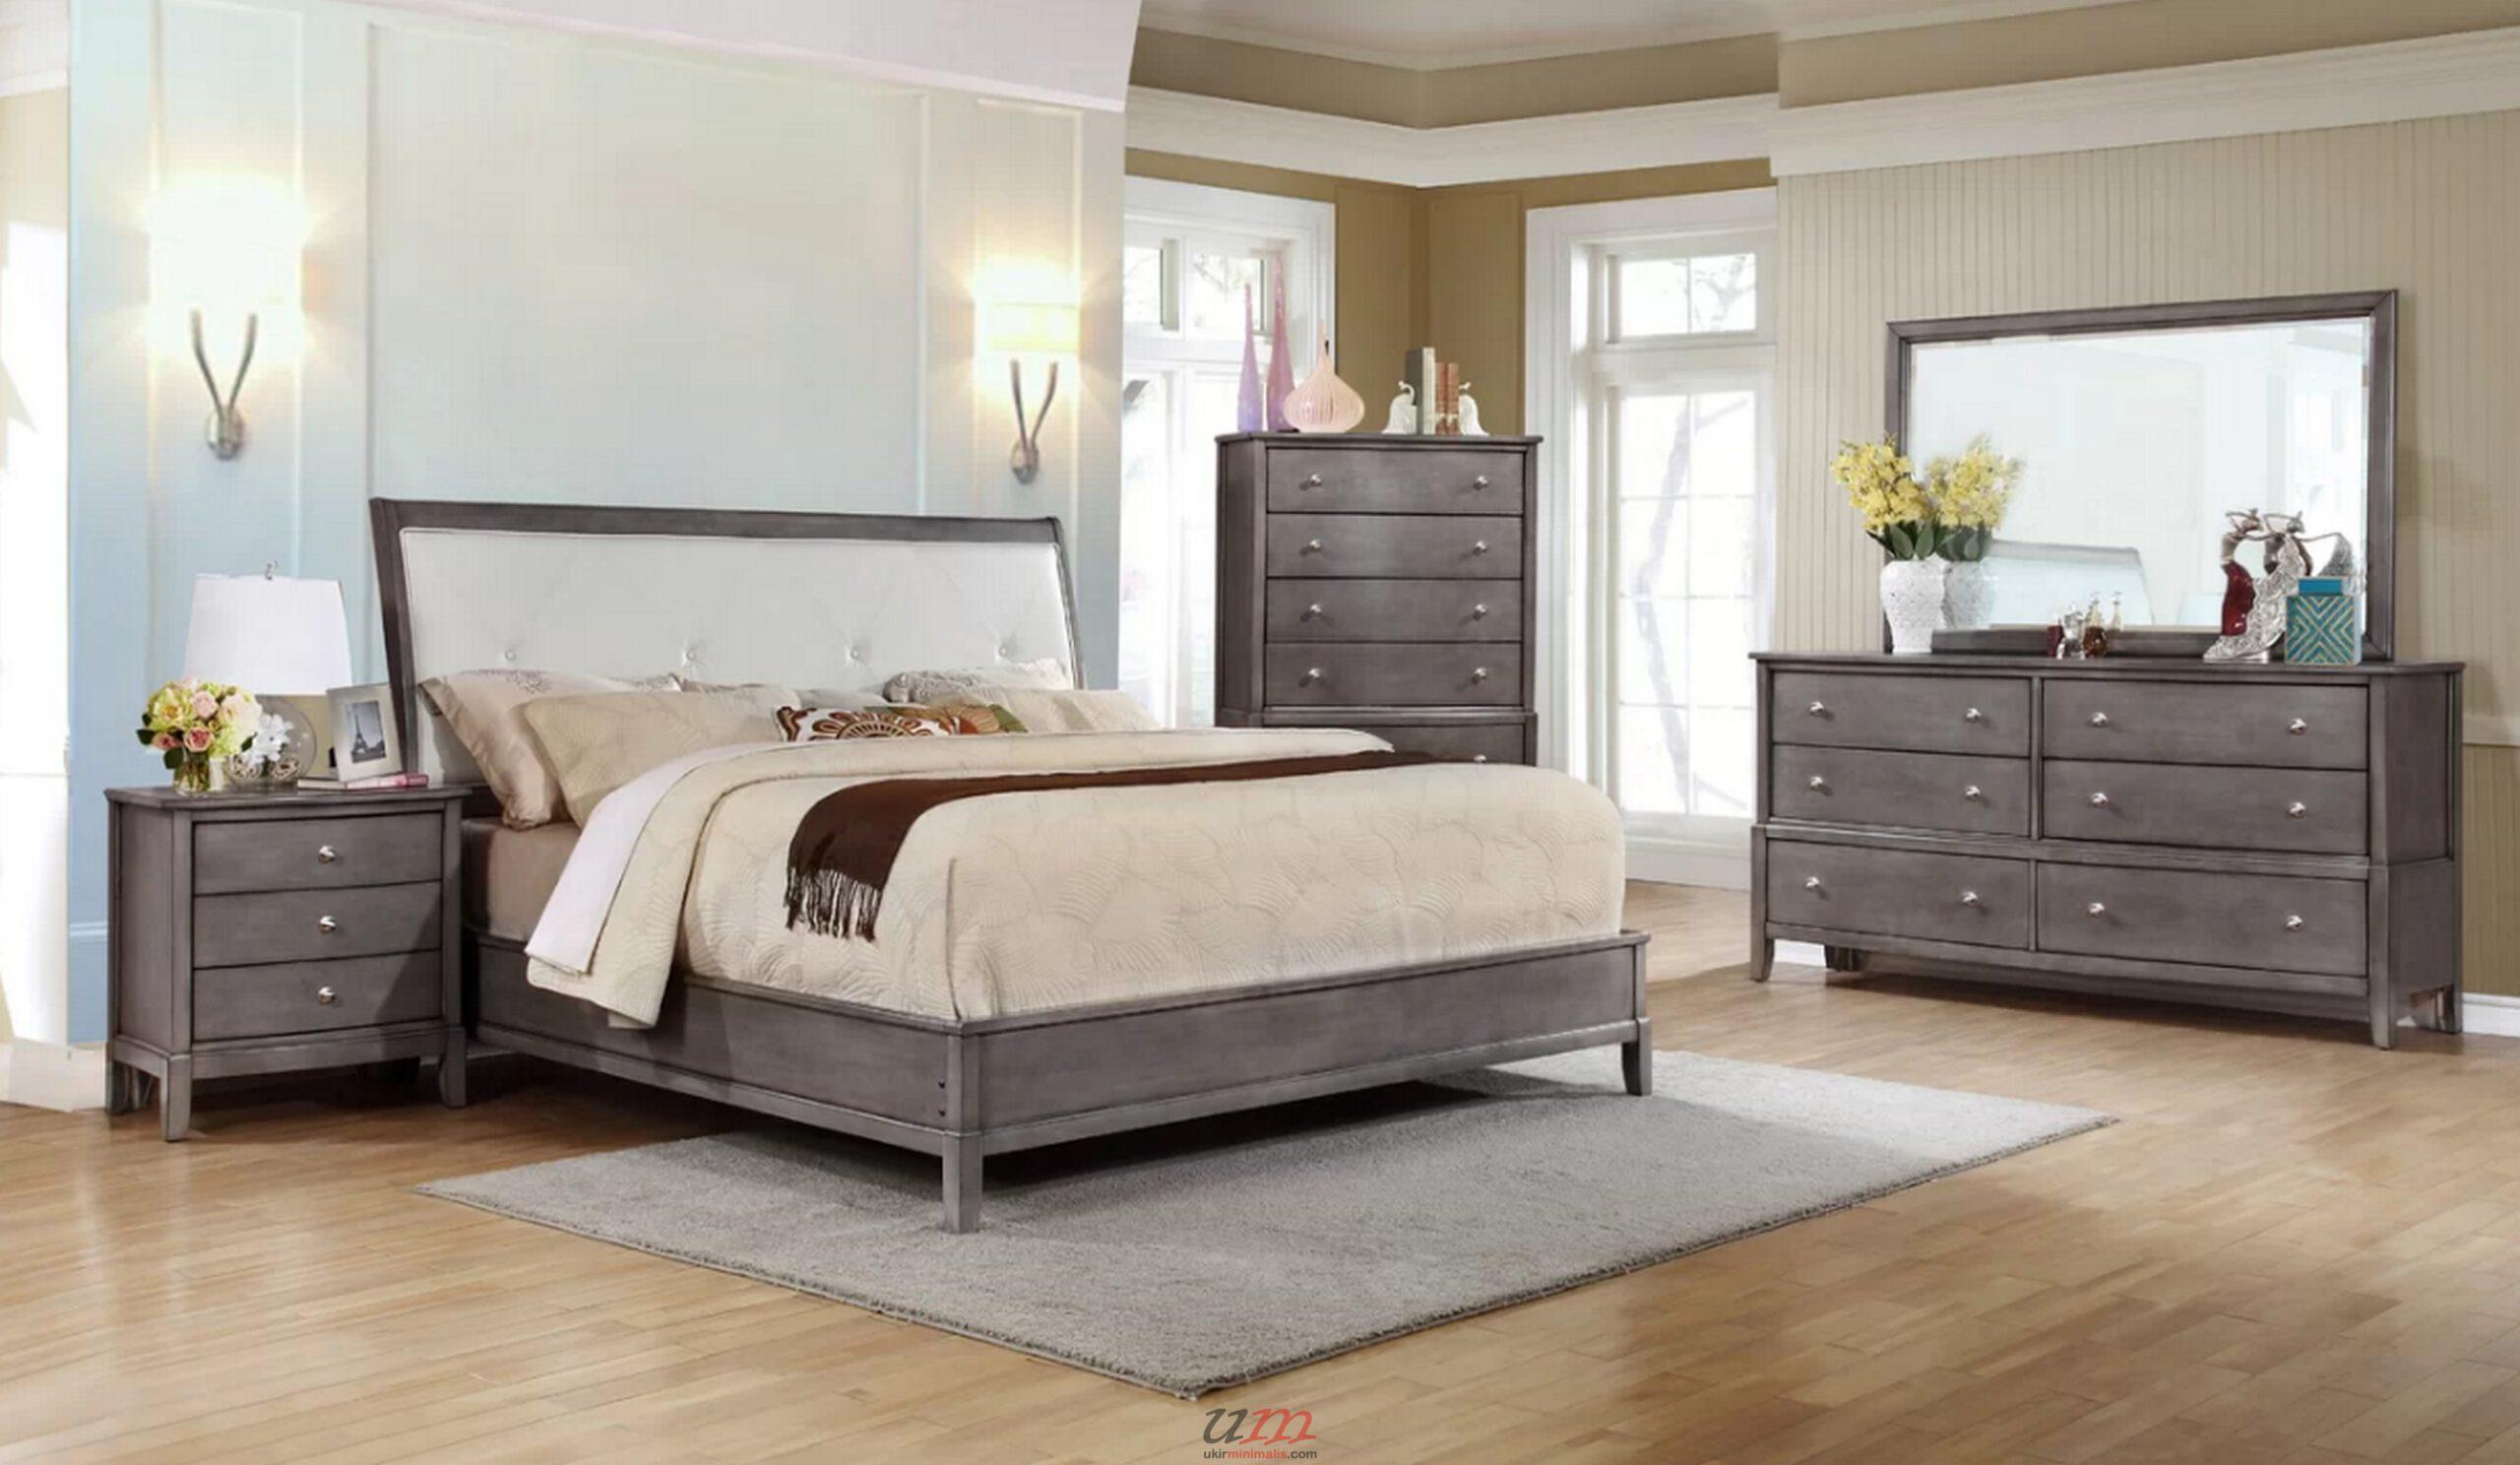 Tempat Tidur Premium Terlaris